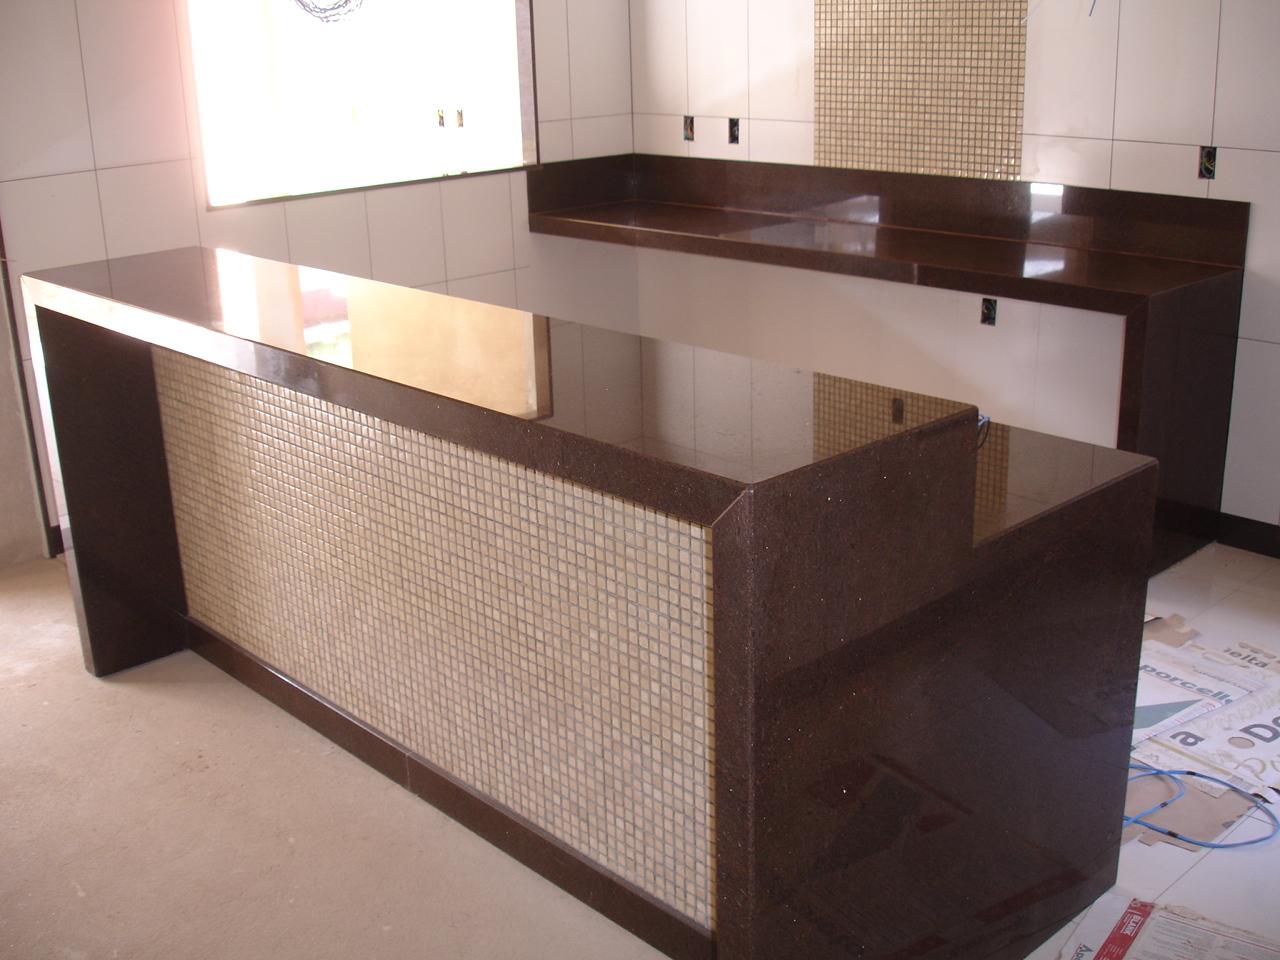 Mármores e Granitos Nacionais e Importados #835E48 1280x960 Banheiro Com Granito Preto Indiano